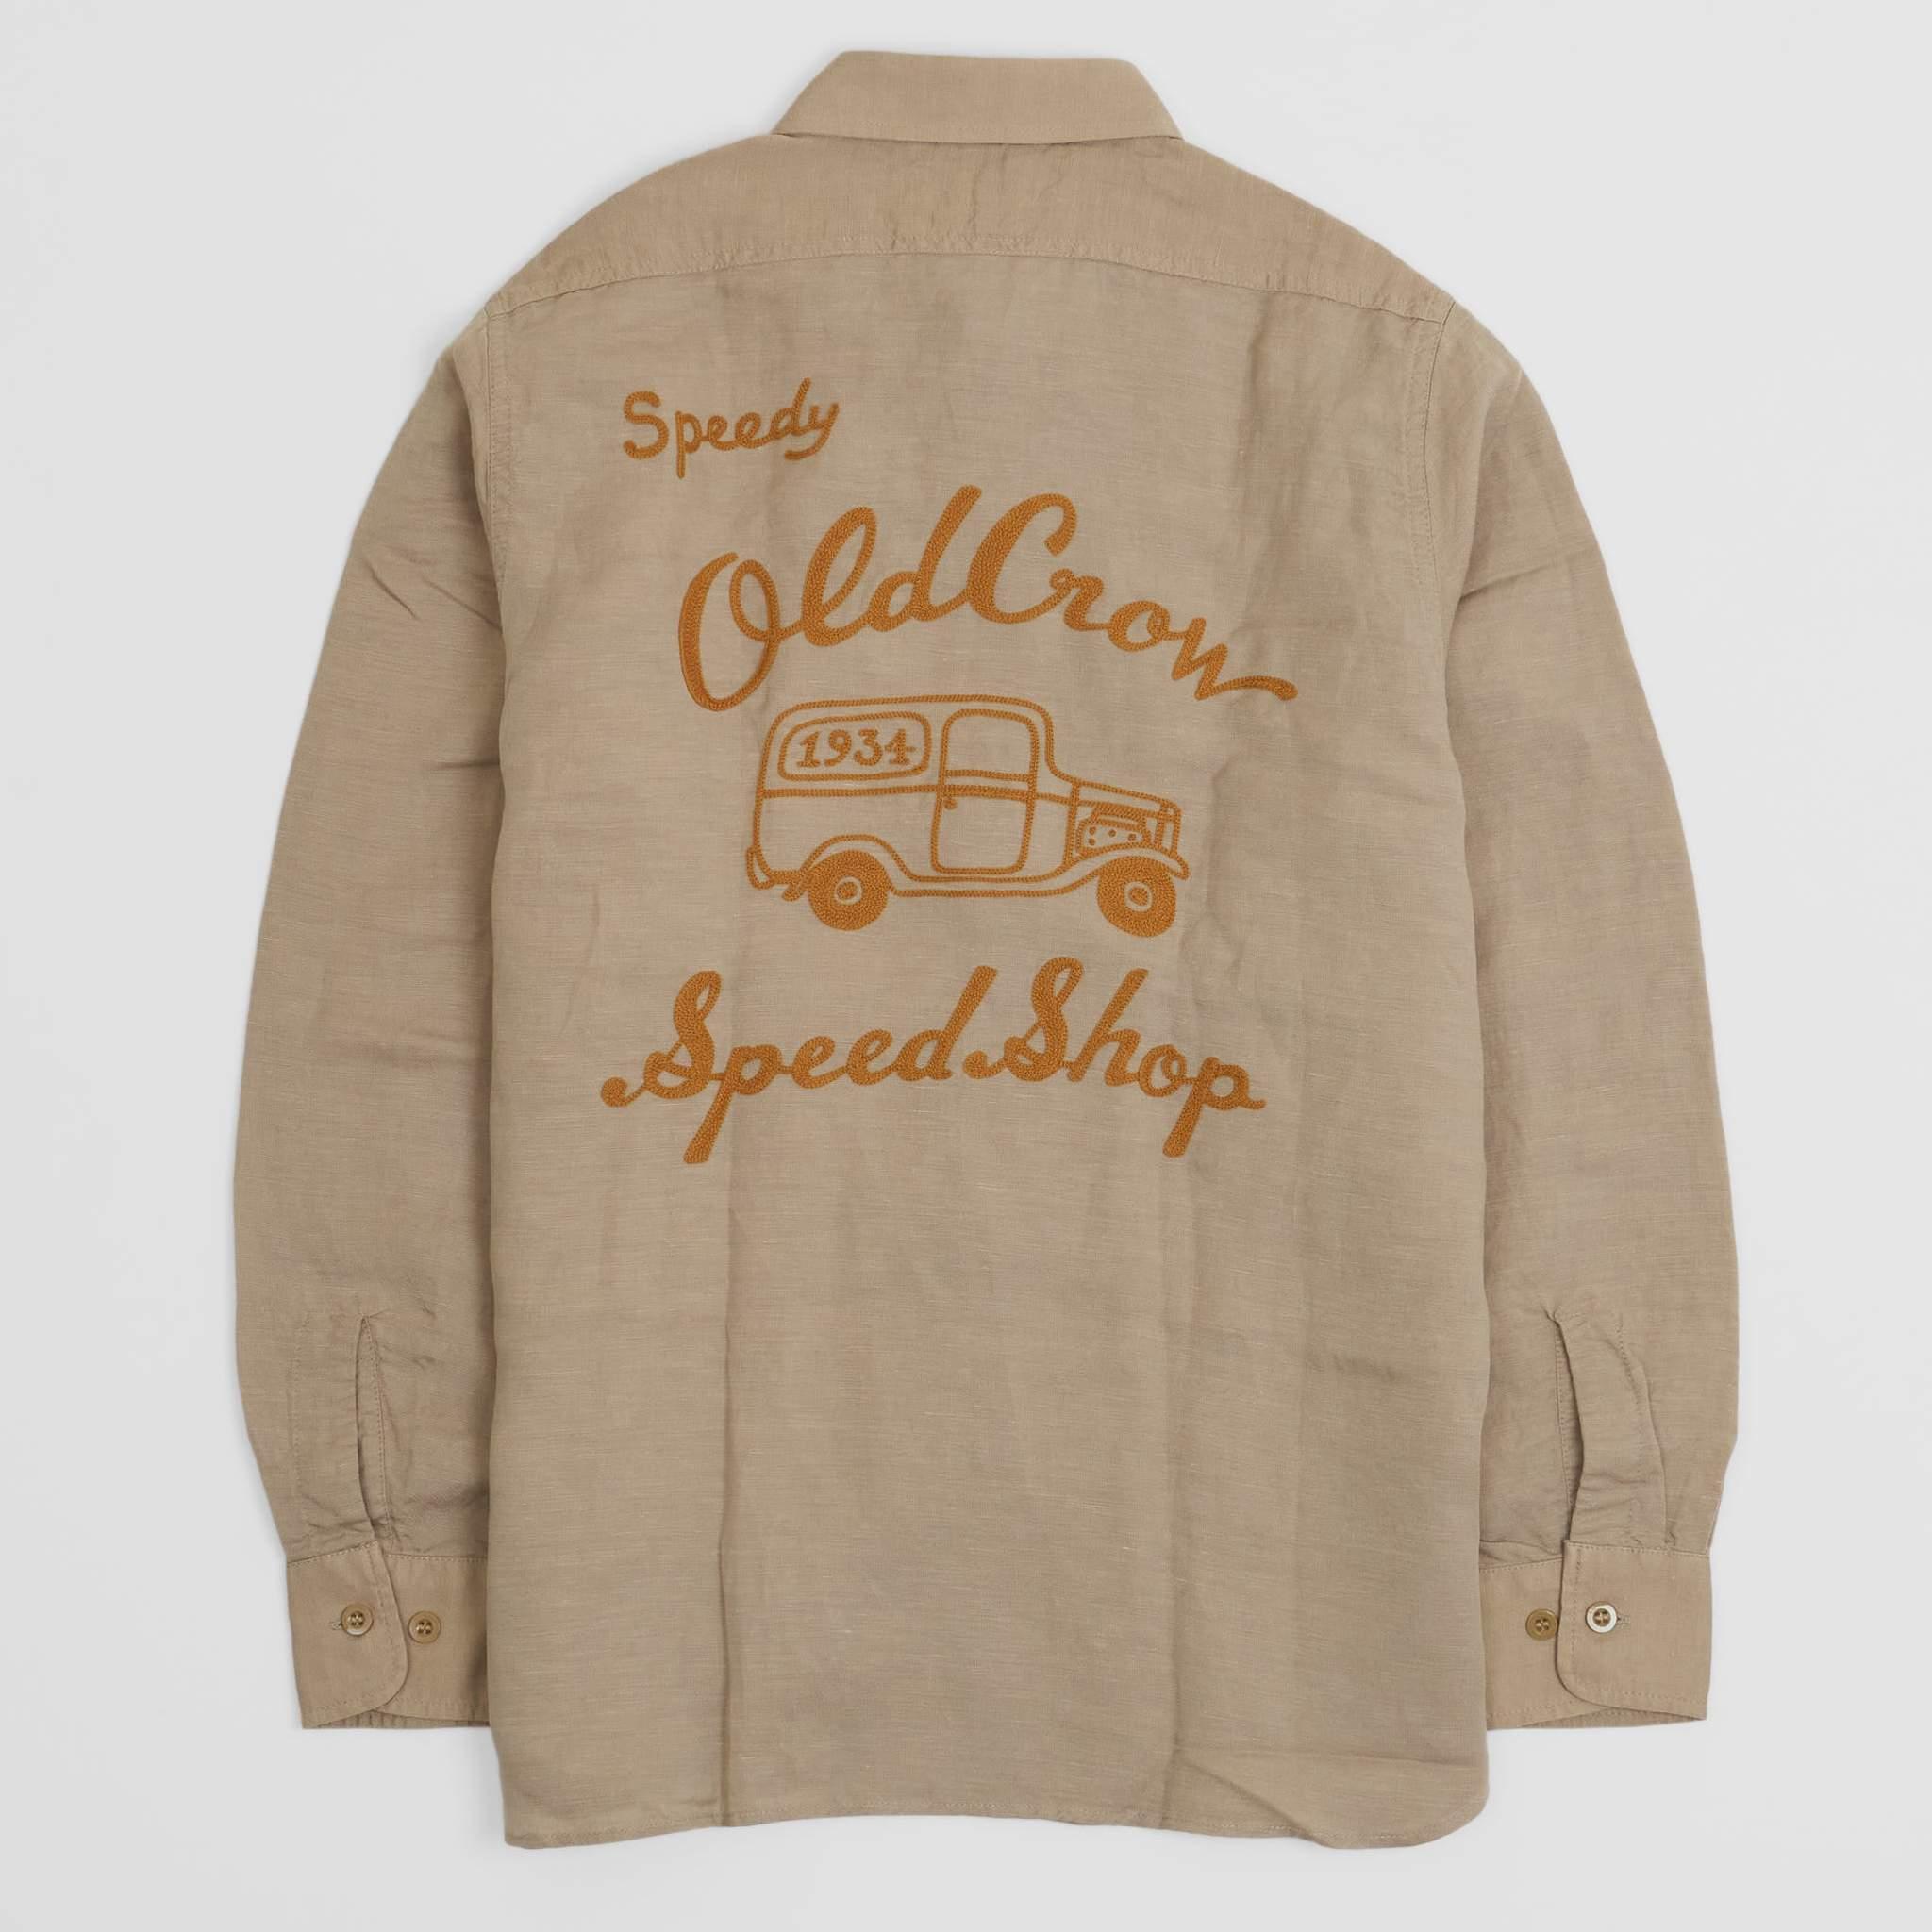 Old Crow Speed Shop Garage Shirt